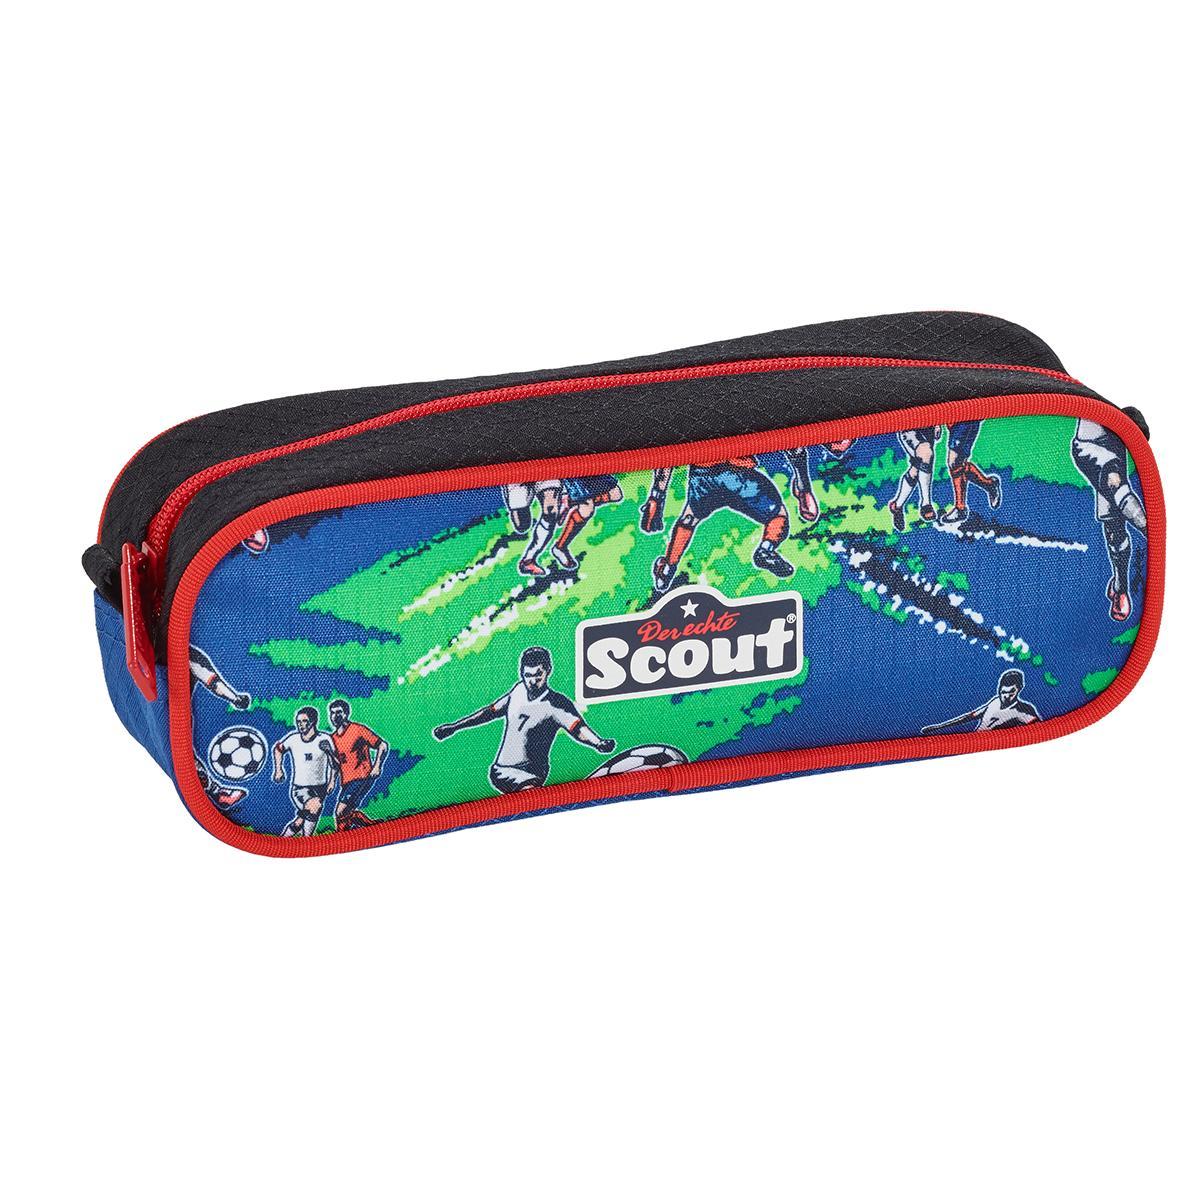 b7a6c4f3d46d5 Scout Sunny 4-teiliges Set FB Team - Ordeo.de - Schulranzen ...